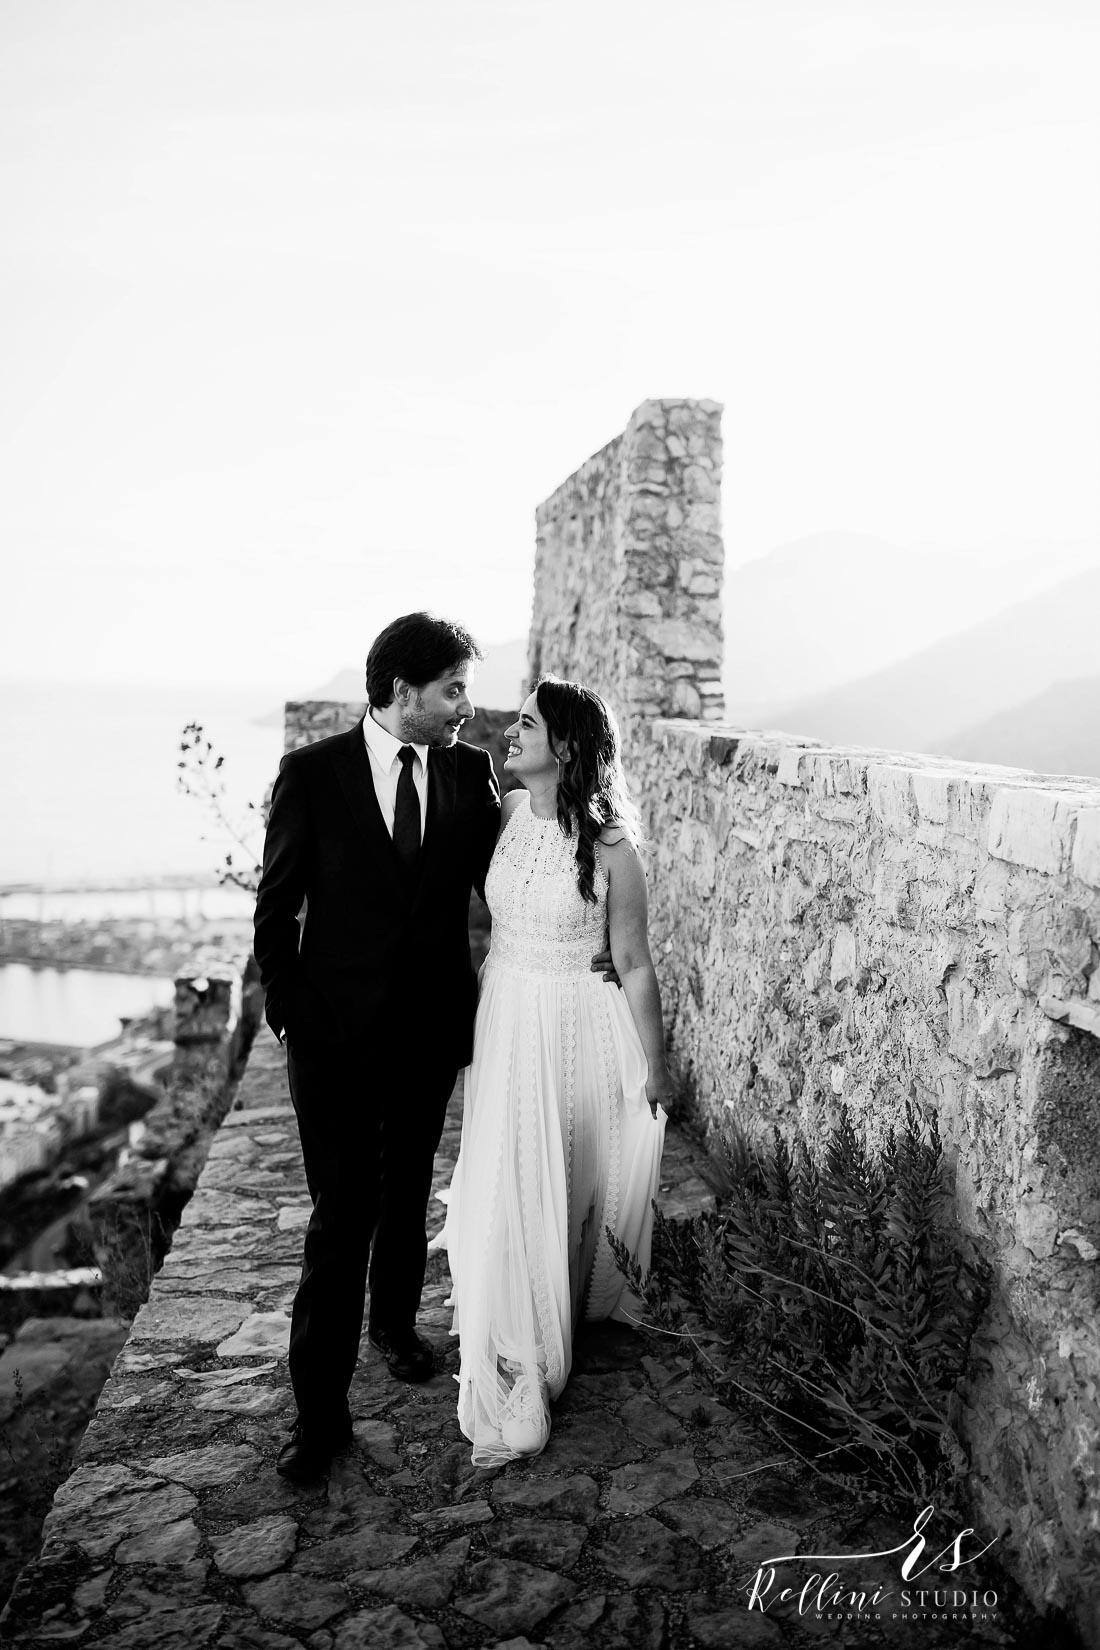 matrimonio Castello di Arechi Salerno 127.jpg